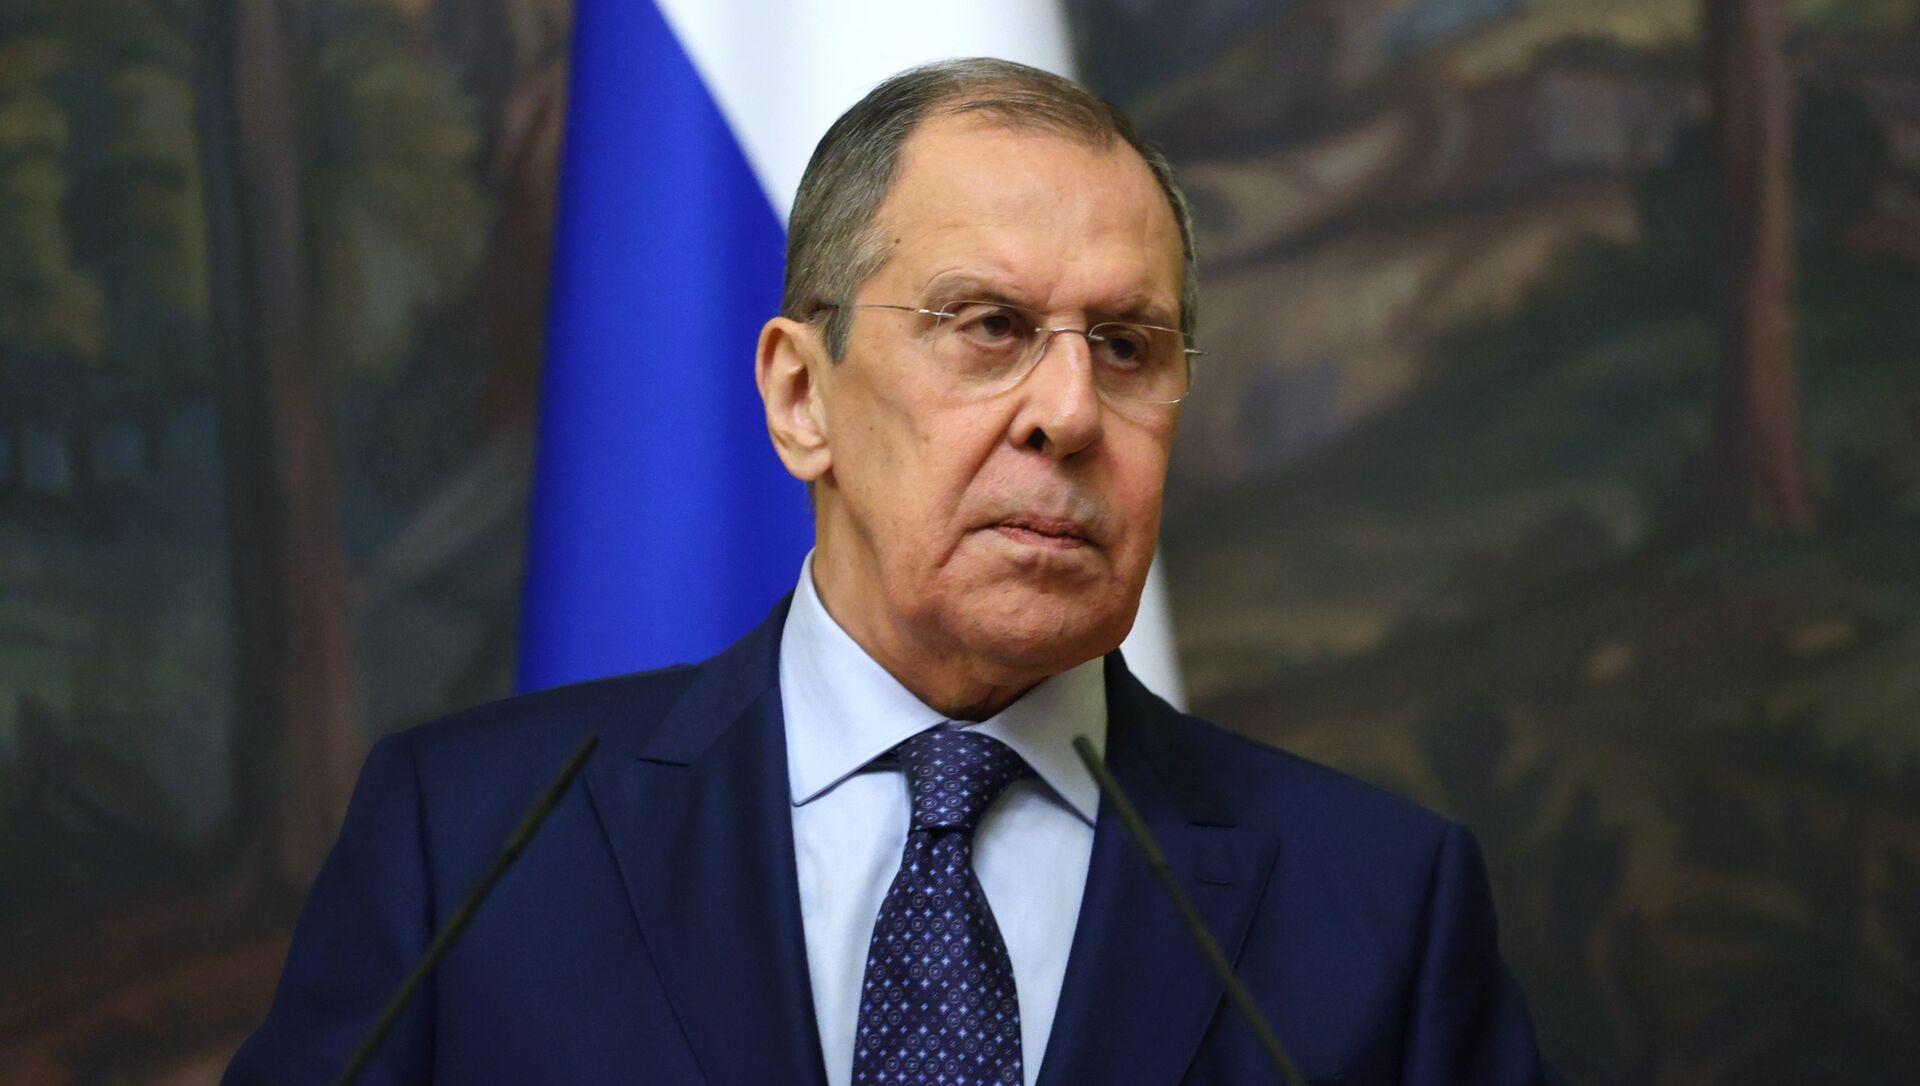 Bộ trưởng Ngoại giao Nga Sergei Lavrov. - Sputnik Việt Nam, 1920, 22.03.2021